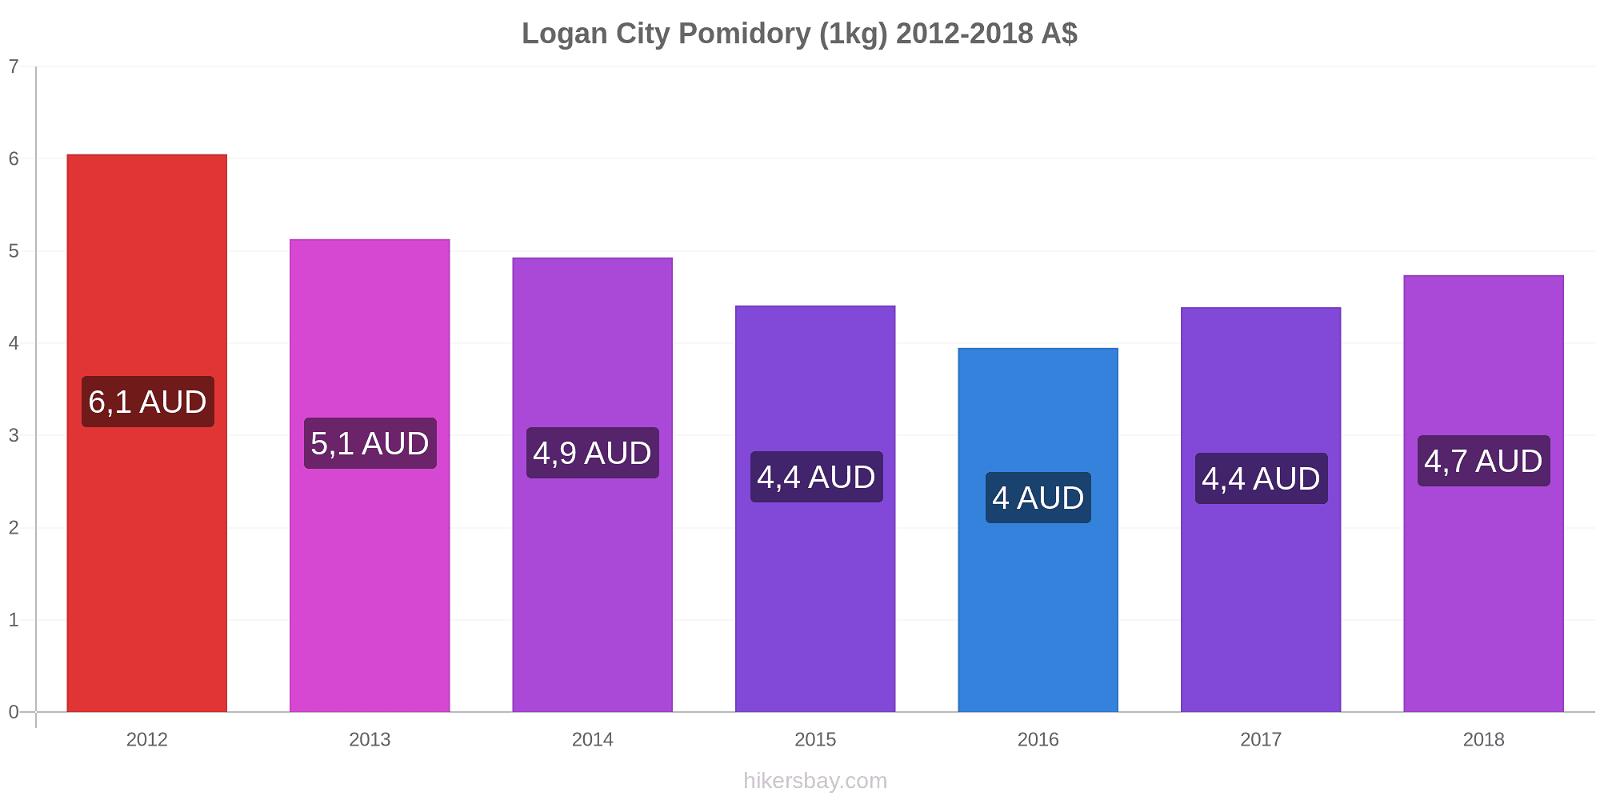 Logan City zmiany cen Pomidory (1kg) hikersbay.com